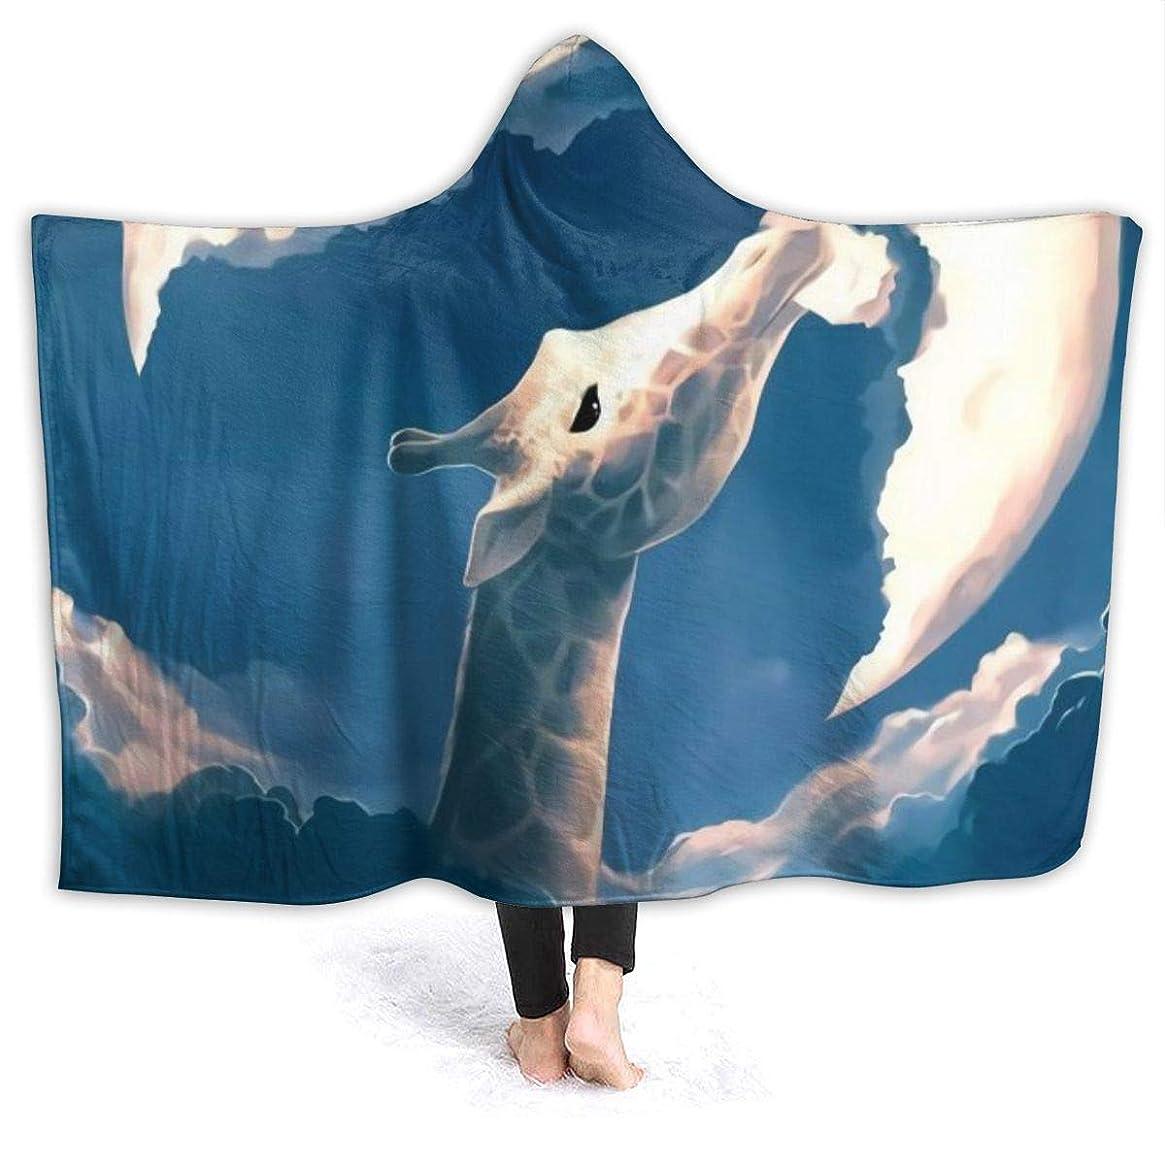 線強制いくつかのHR.LLM ジラフ キリン モー モー 月 食う フード付き毛布 着る毛布 毛布 膝掛け毛布 ラップタオル 冷房/防寒対策 防寒保温 防静電加工 軽量 厚手 大判